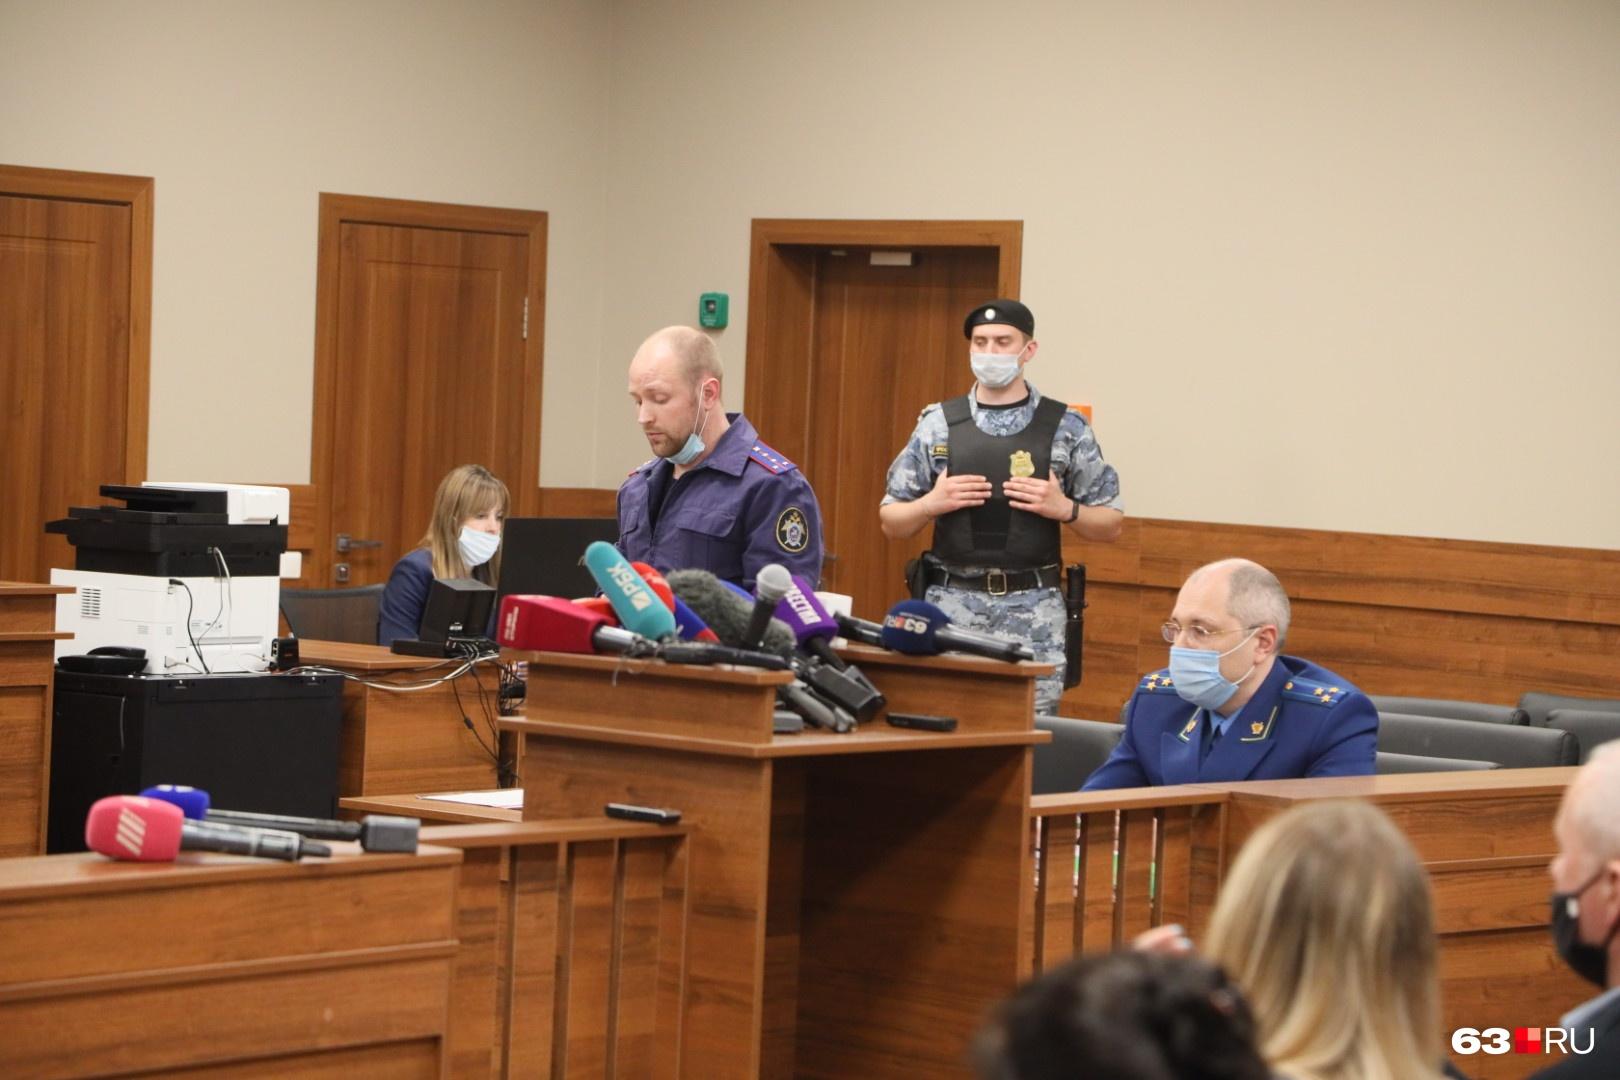 Следователь просит арестовать Галявиева